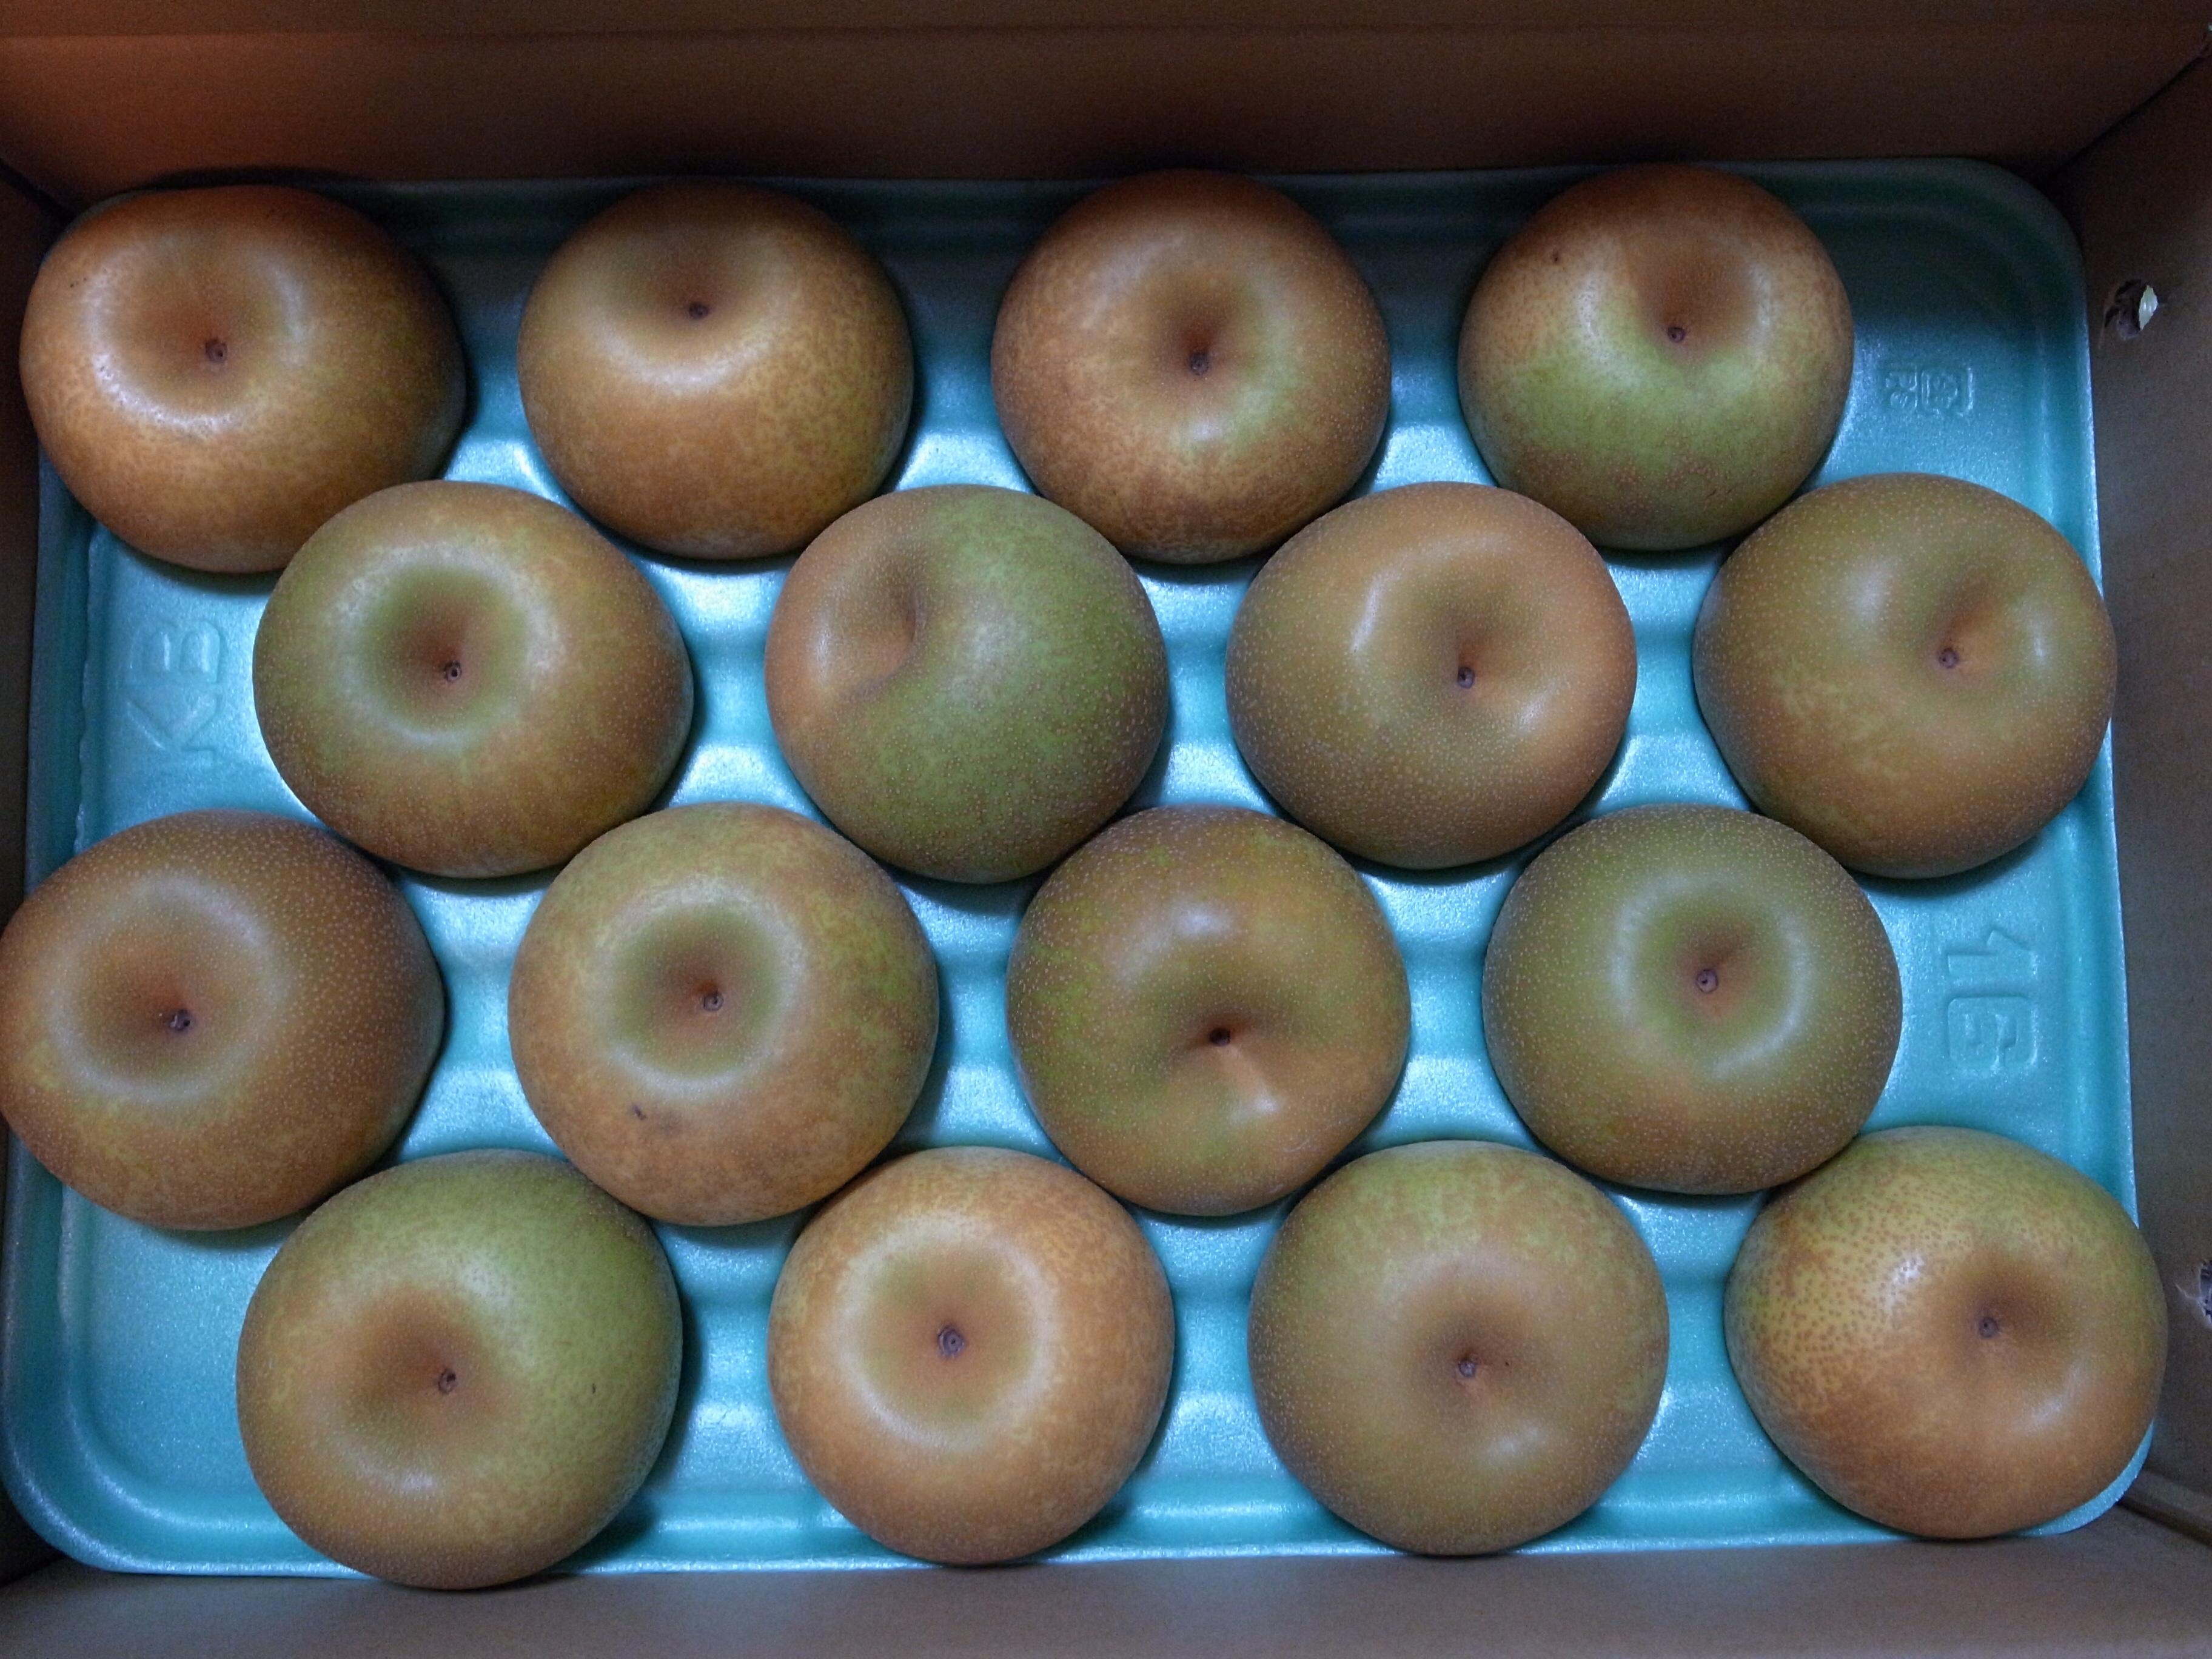 久しぶりに念願の千葉県産の梨を送ってもらった!